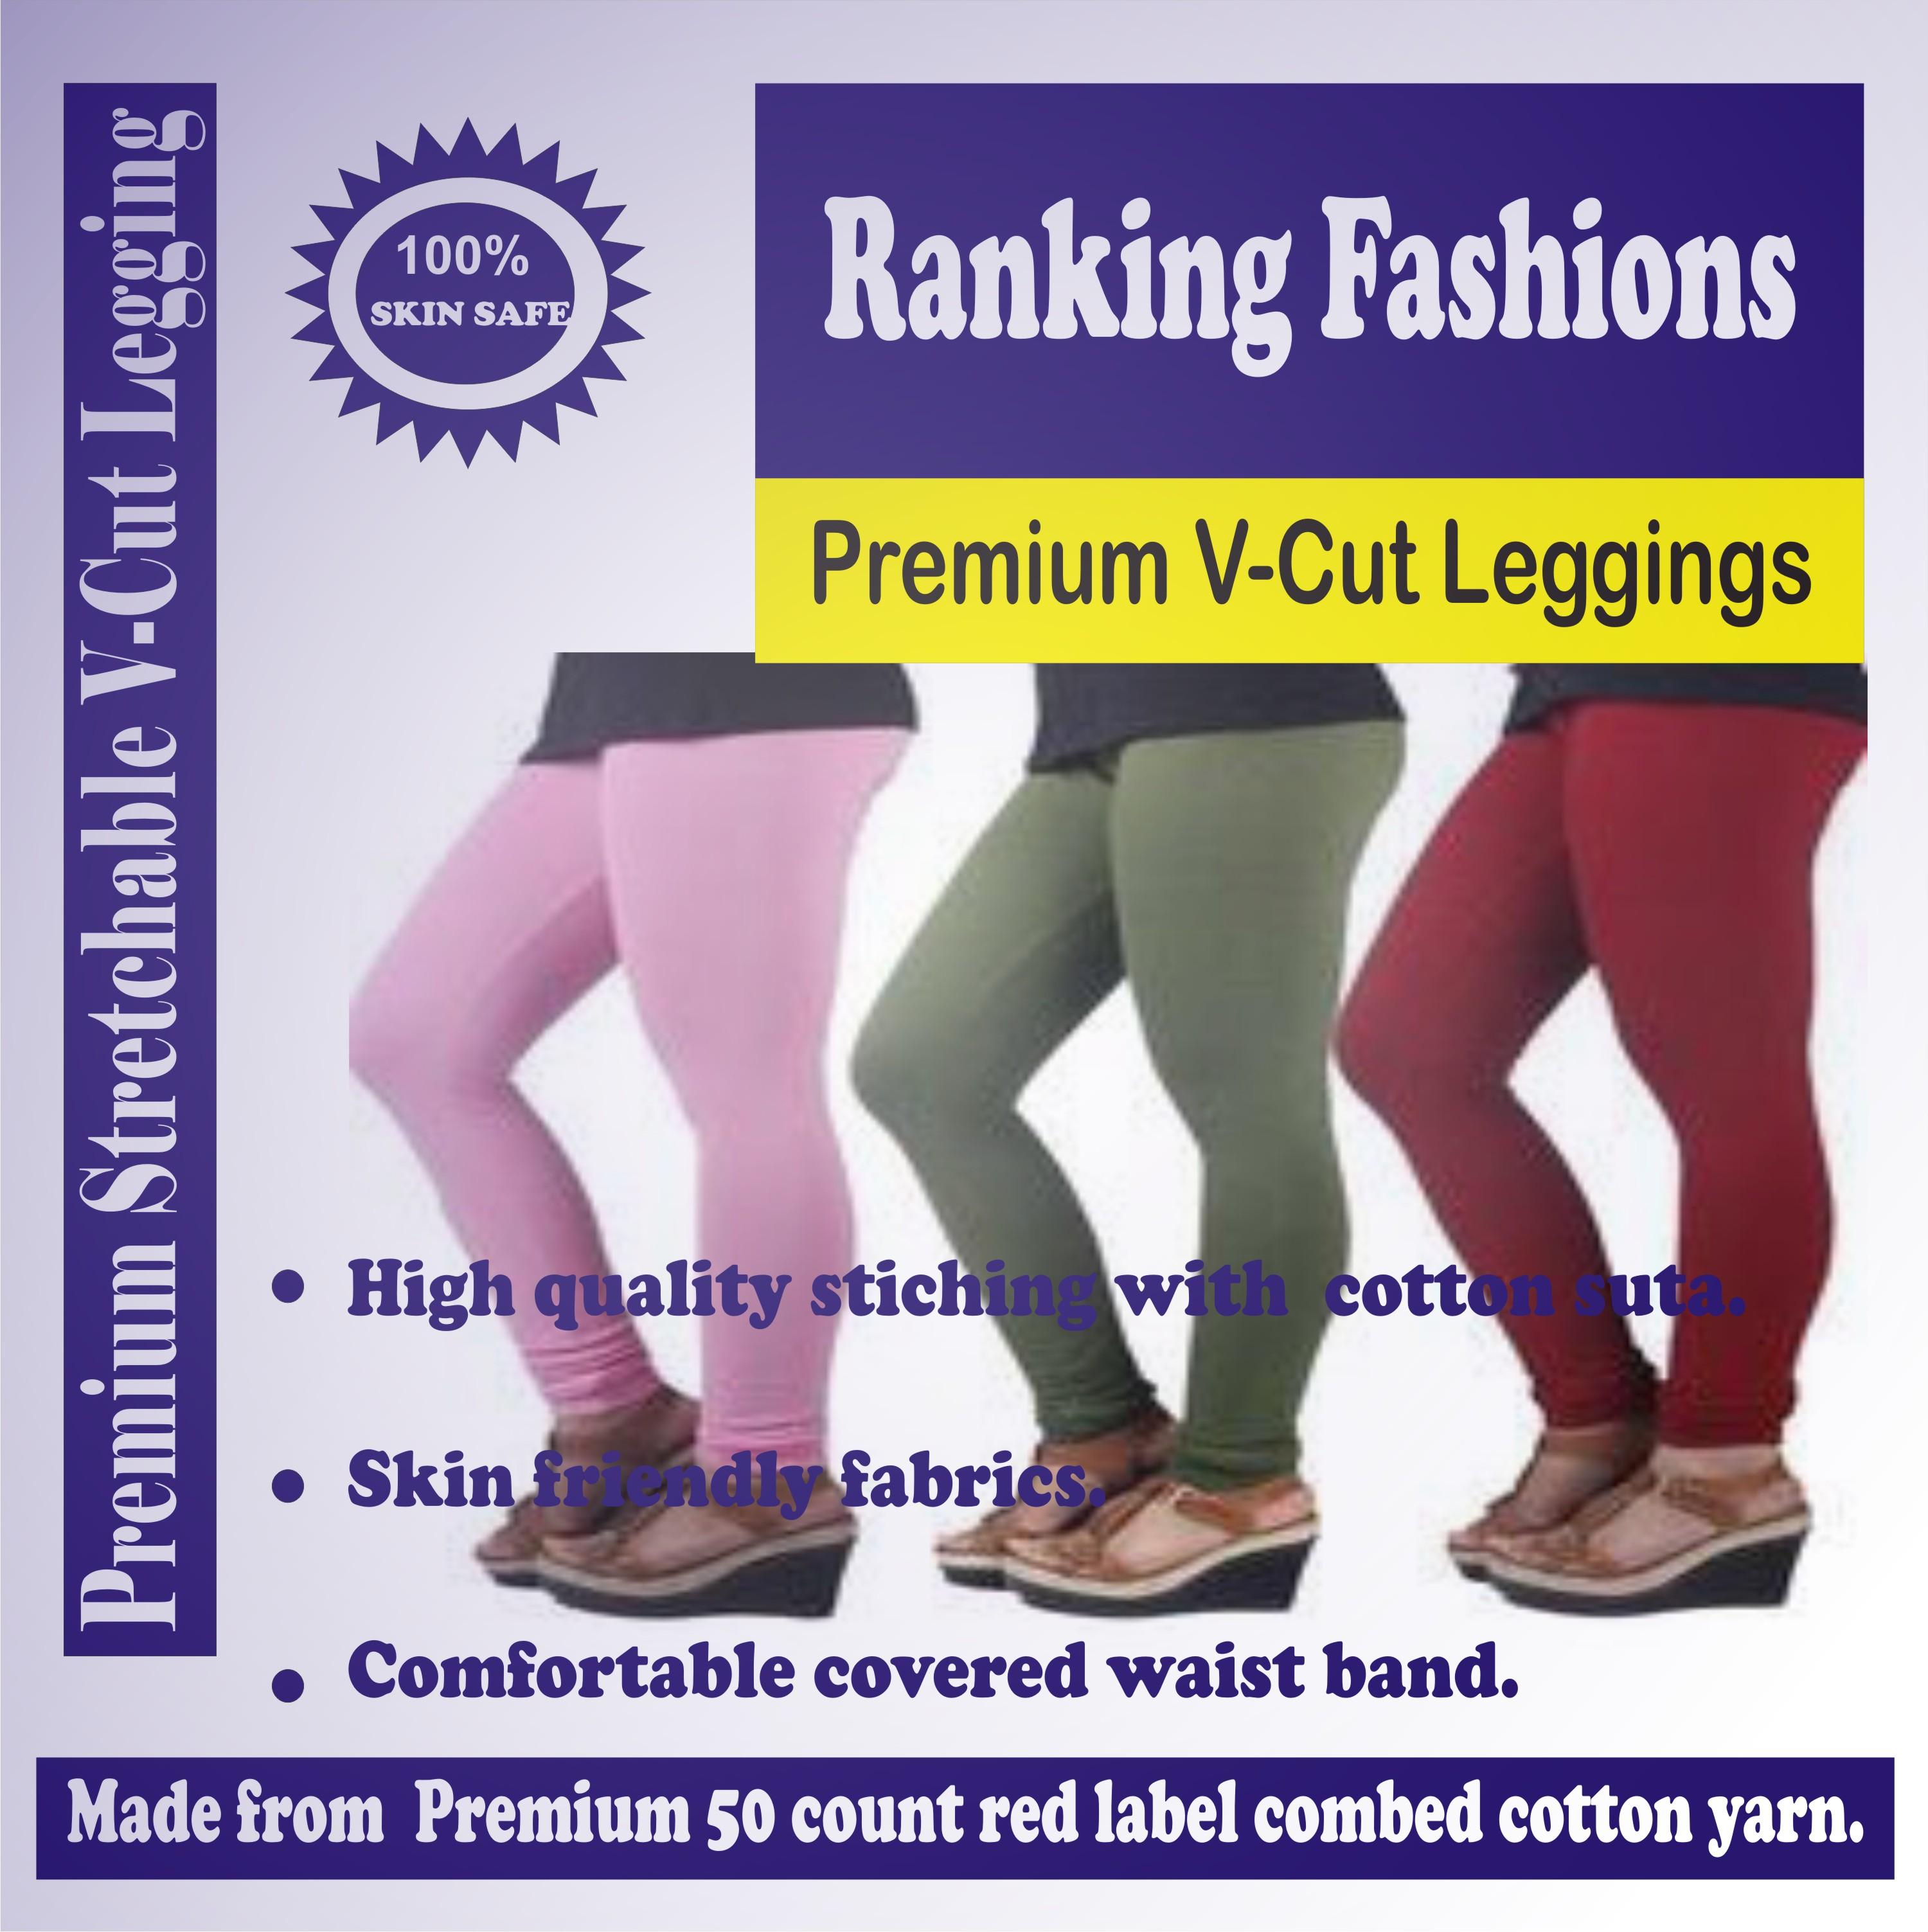 Ranking Fashions